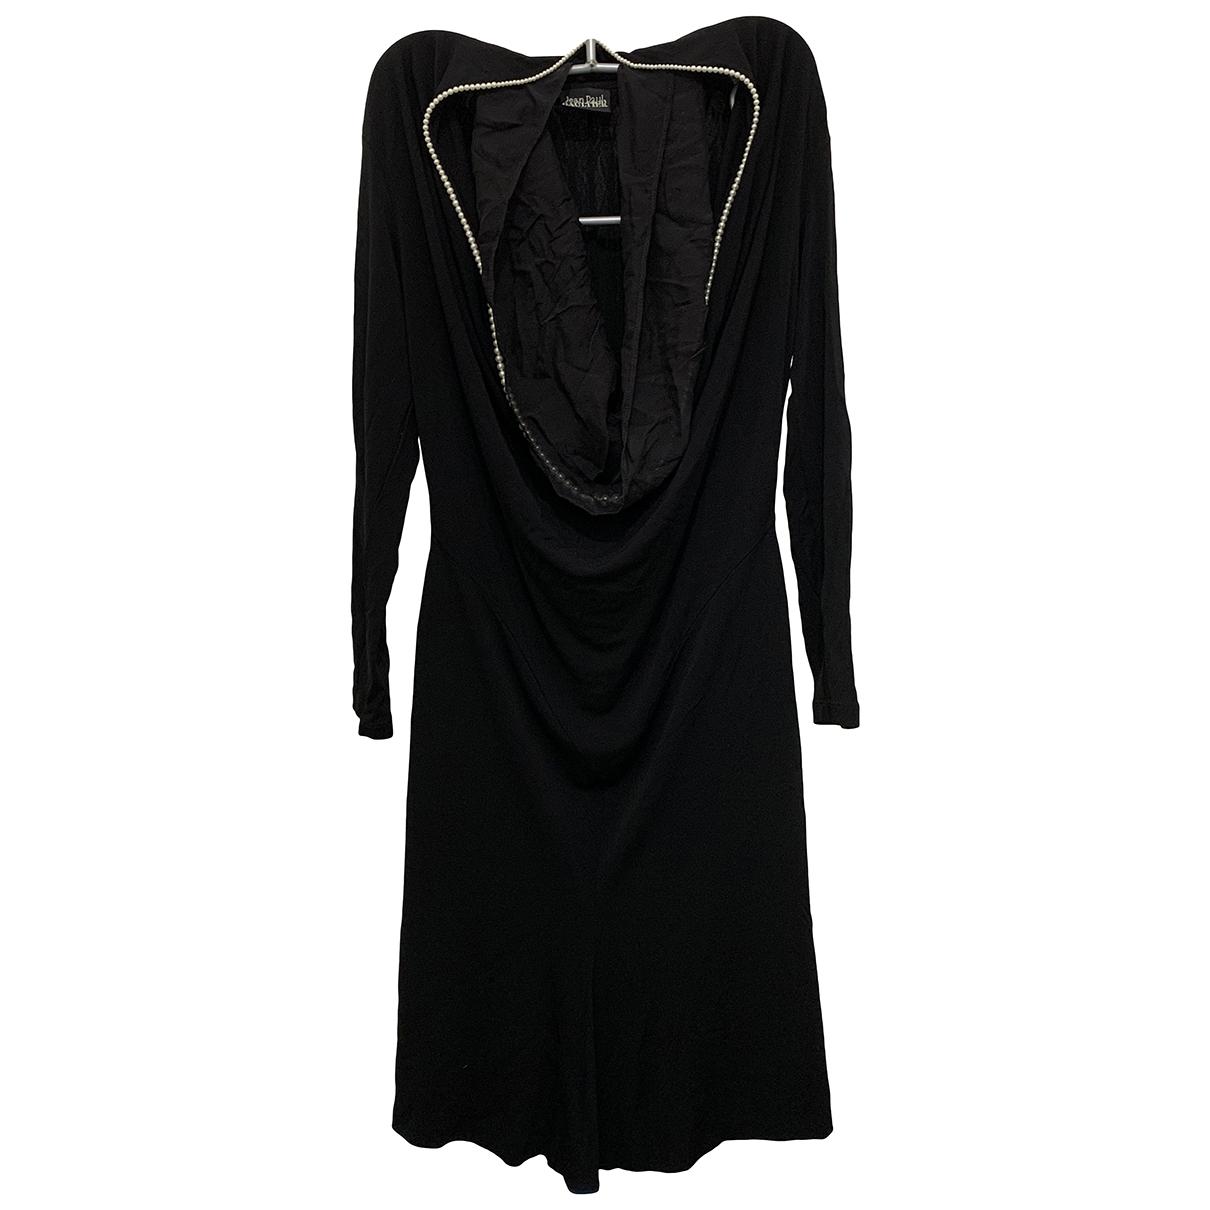 Jean Paul Gaultier \N Black dress for Women 44 FR